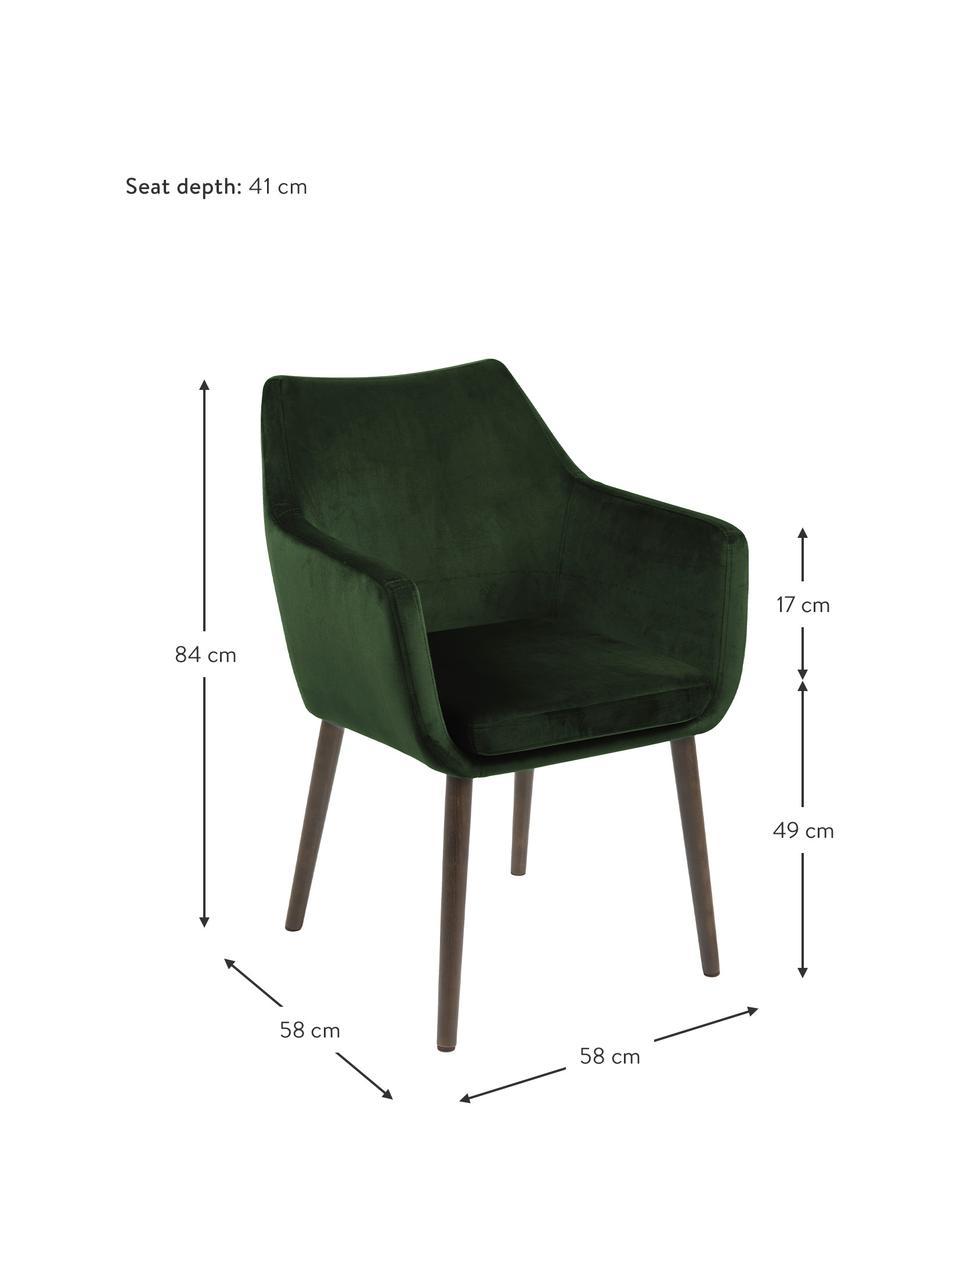 Samt-Armlehnstuhl Nora mit Holzbeinen, Bezug: Polyestersamt Der hochwer, Beine: Eichenholz, gebeizt, Samt Waldgrün, Beine: Eiche, B 58 x T 58 cm